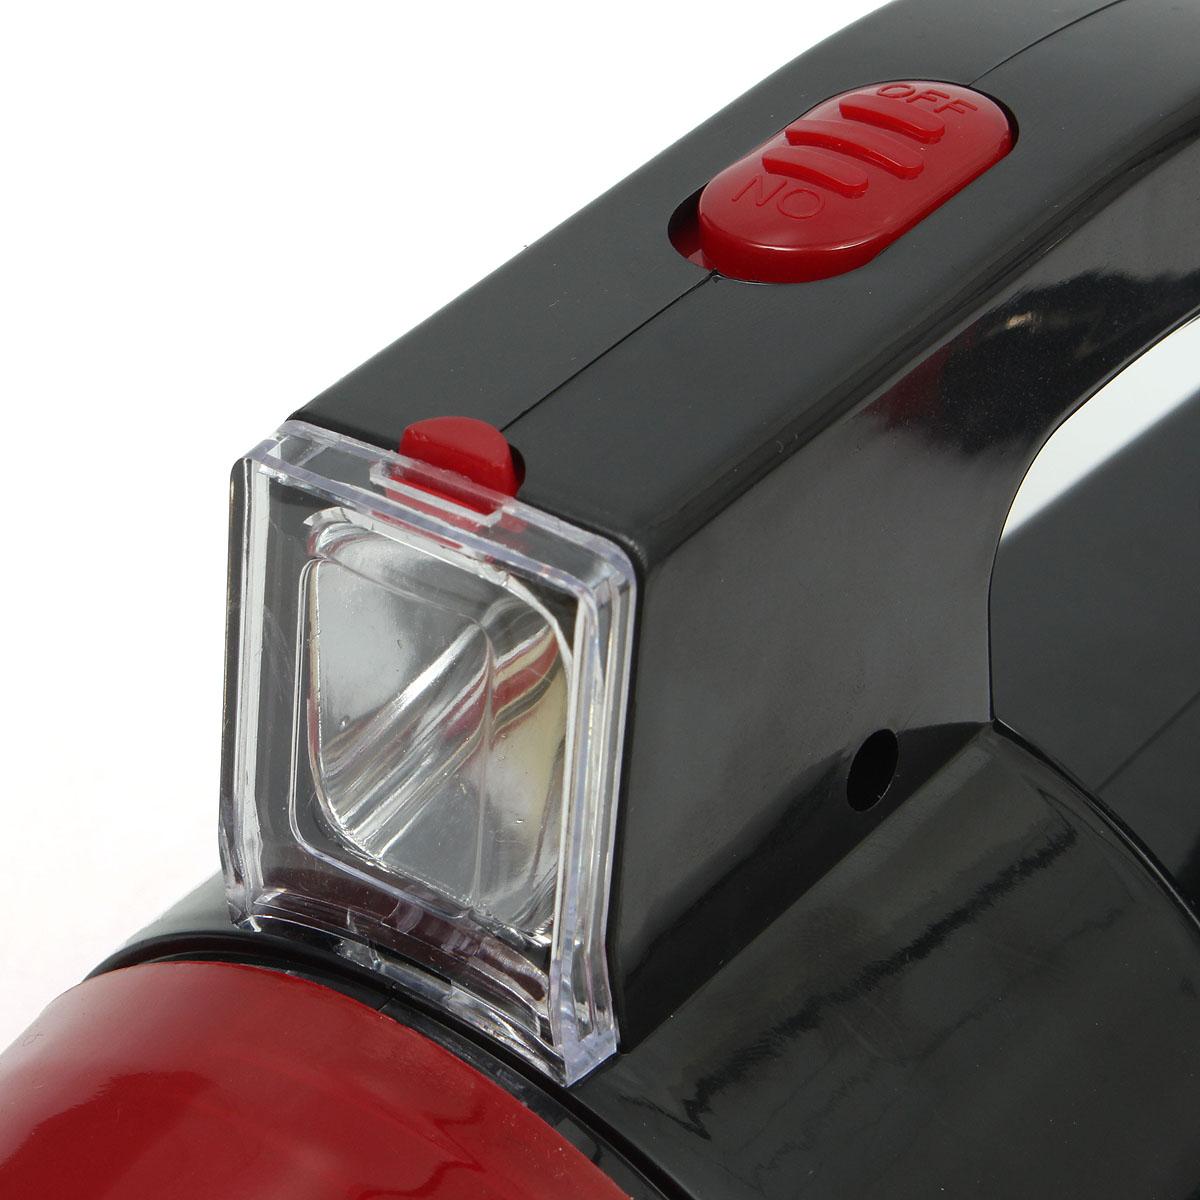 Aspirador portátil con luz para coche de 100W BN1507